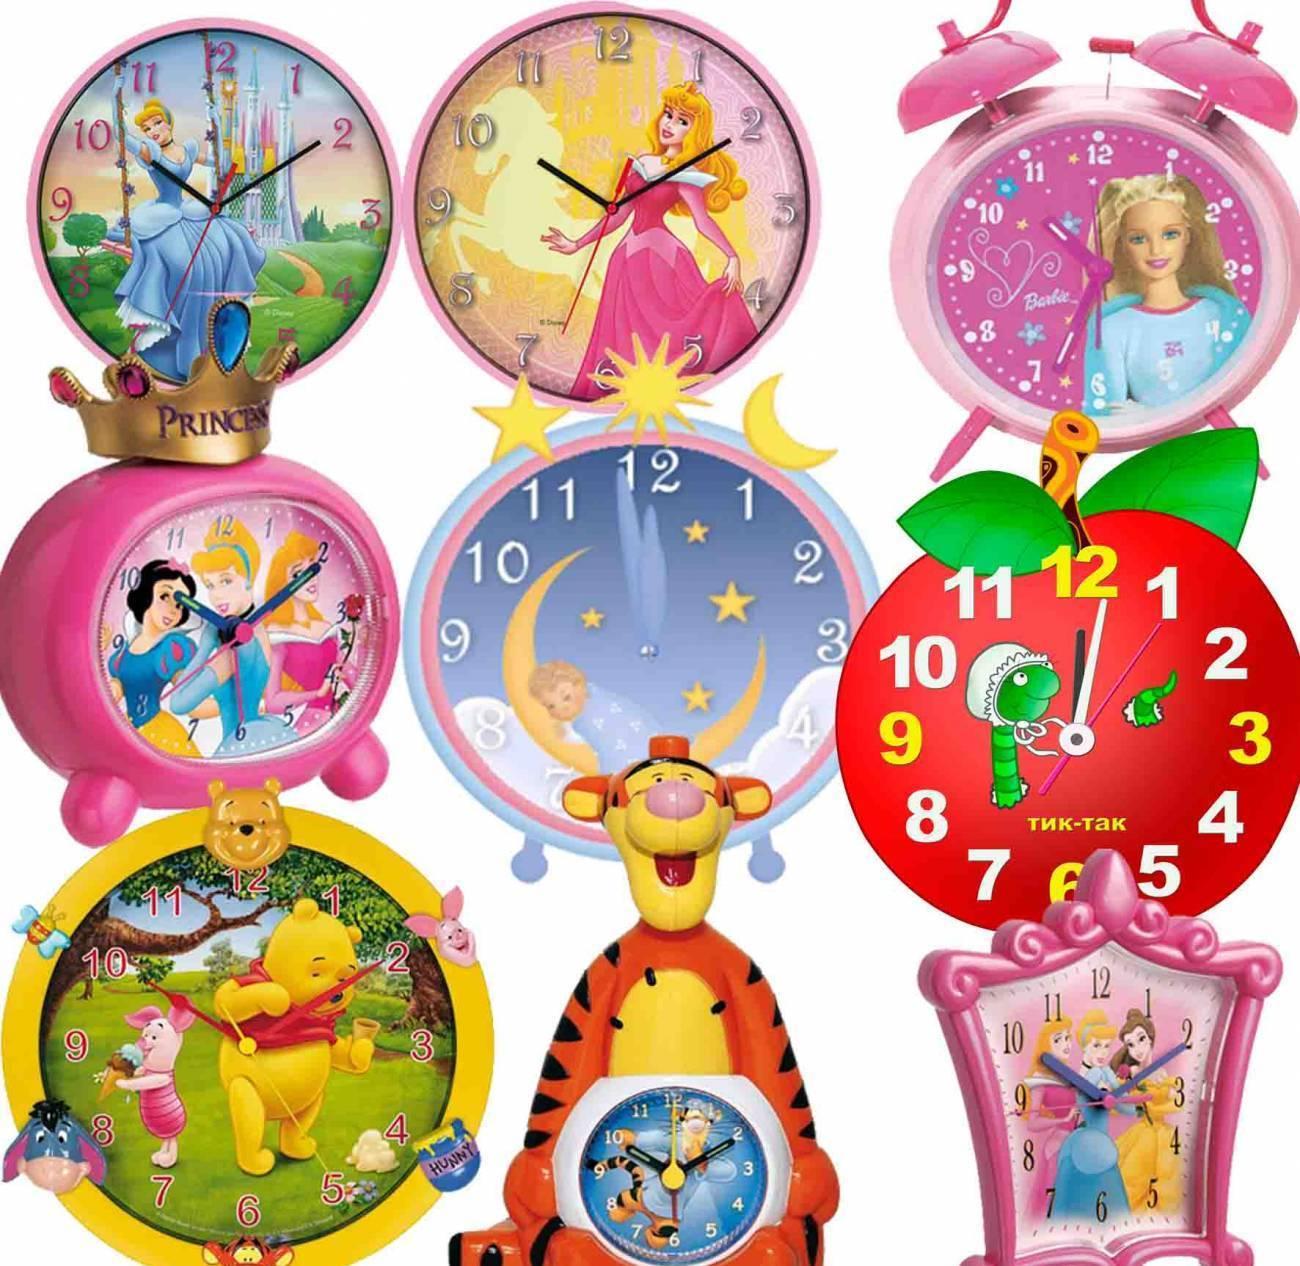 Сбор заказов. Часы для детей. Отличный подарок школьнику. Наручные часы - электронные,кварцевые,с любимыми героями и 3d ремнями.Настенные часы и будильники.Очень большой выбор.Выкуп 10